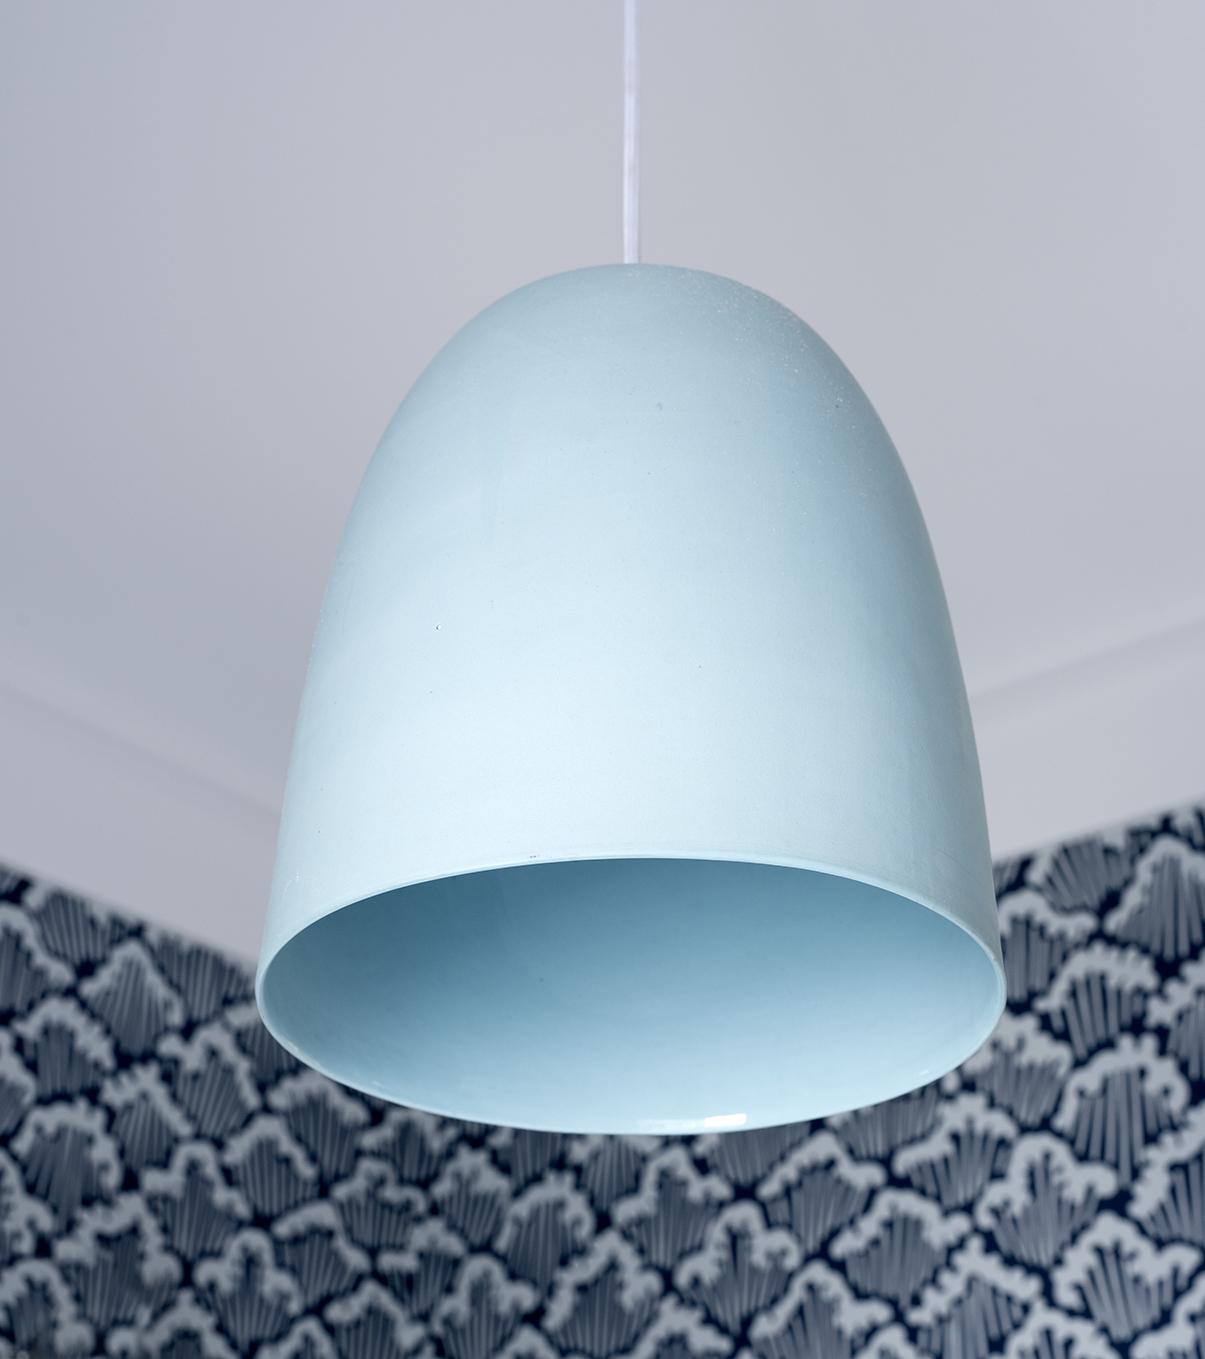 Threshold Interiors NYC - Materials, Furniture, Lighting